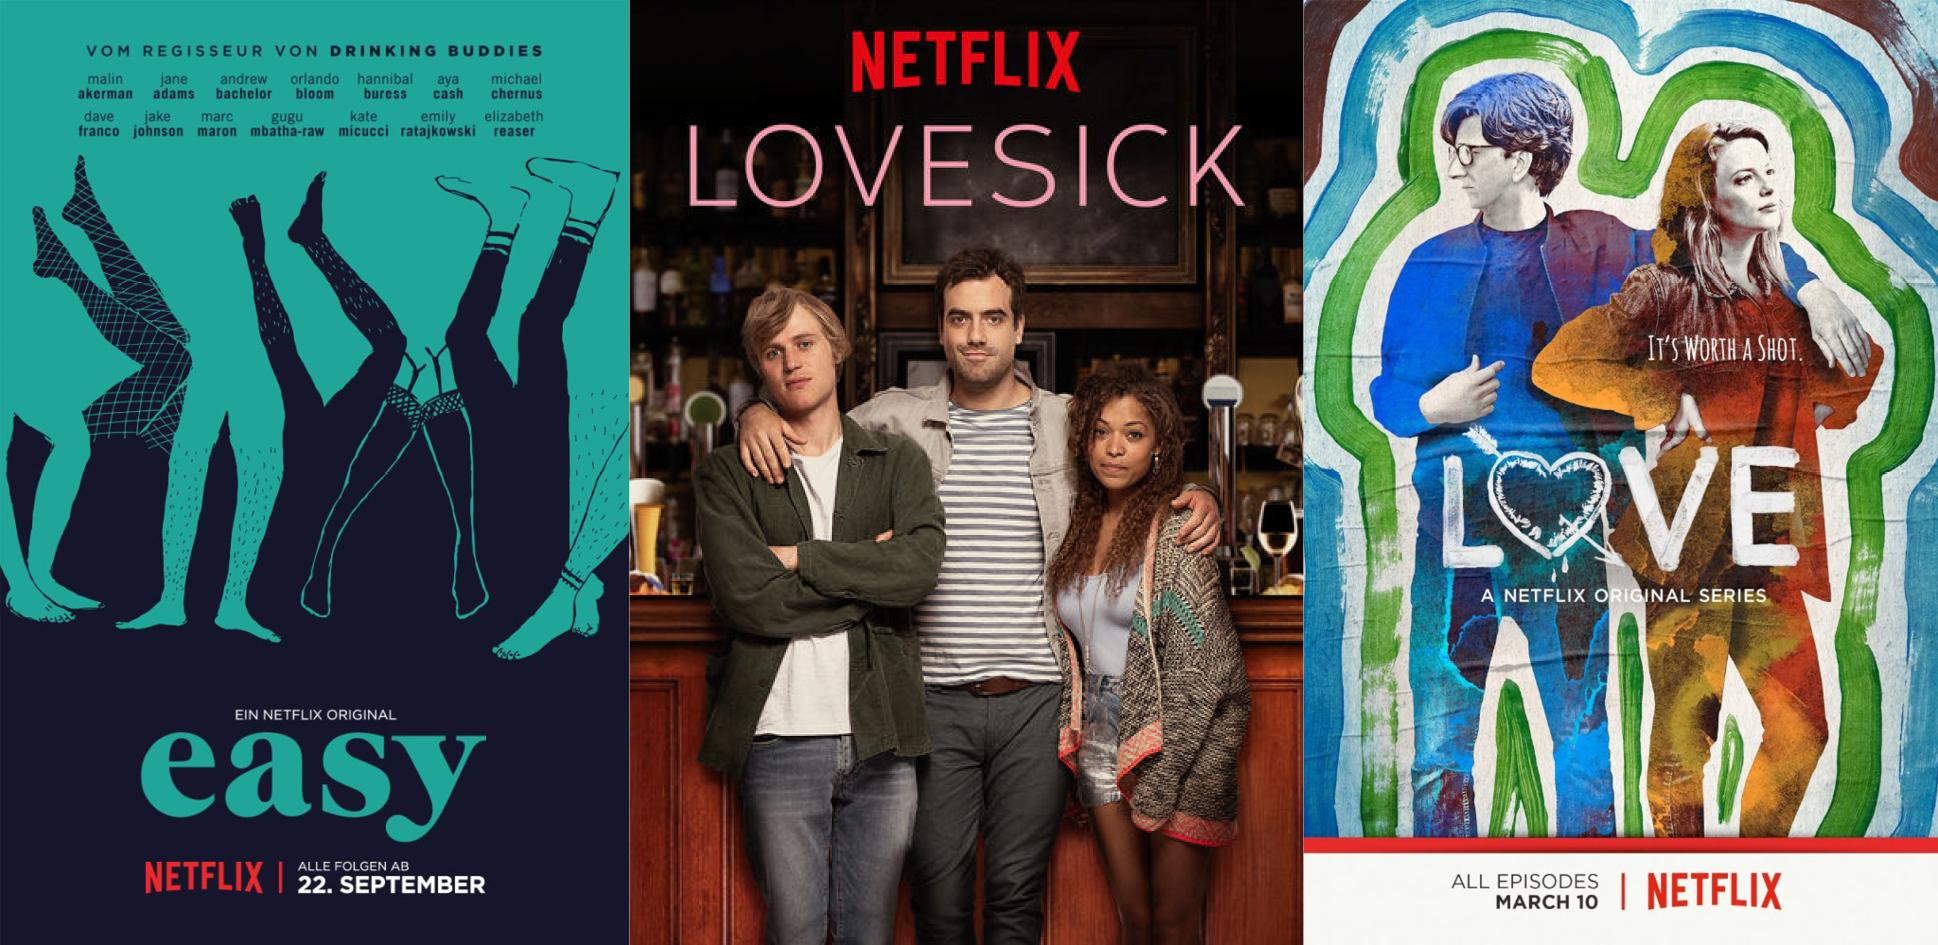 Love Oh Love 3 Serien über Liebe Poesierausch